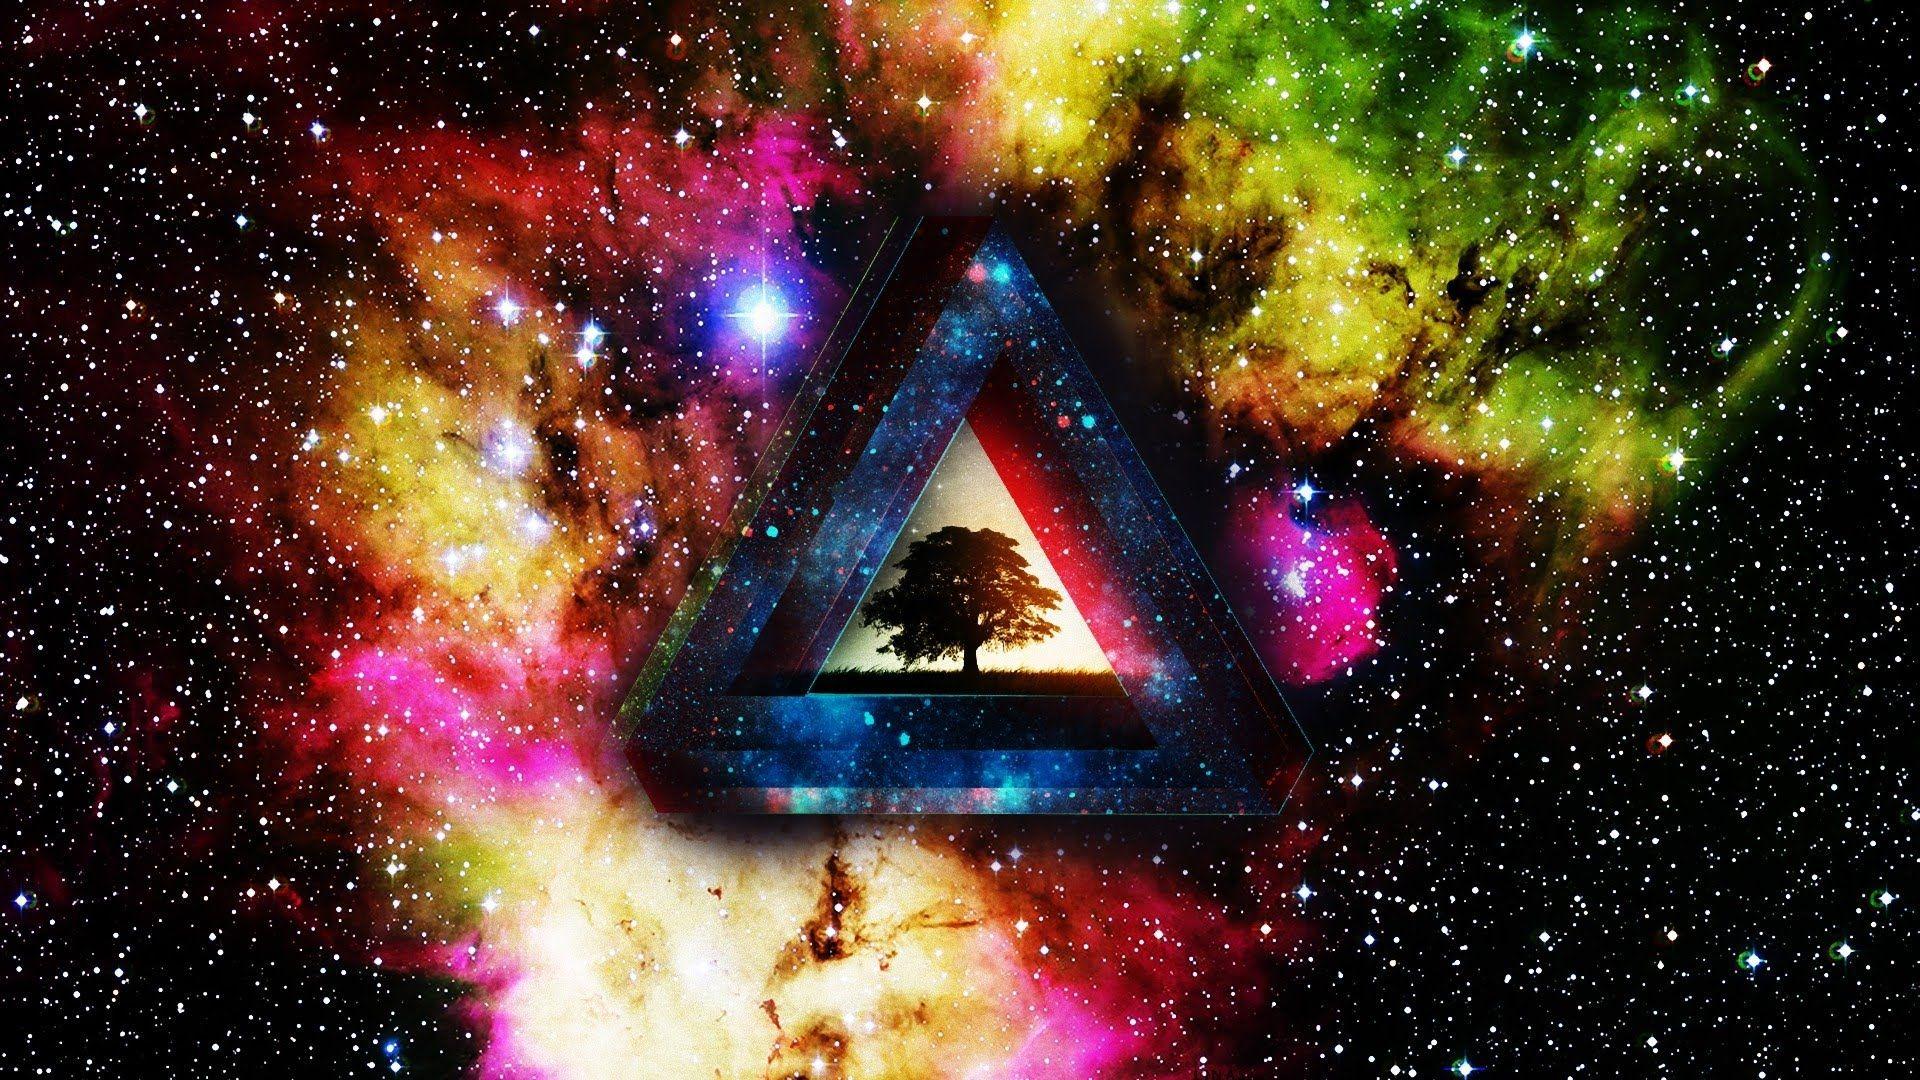 Trippy Illuminati Wallpaper Hd Resolution On 1920 X 1080 Px KB Swag Iphone Triangle Mlg Galaxy